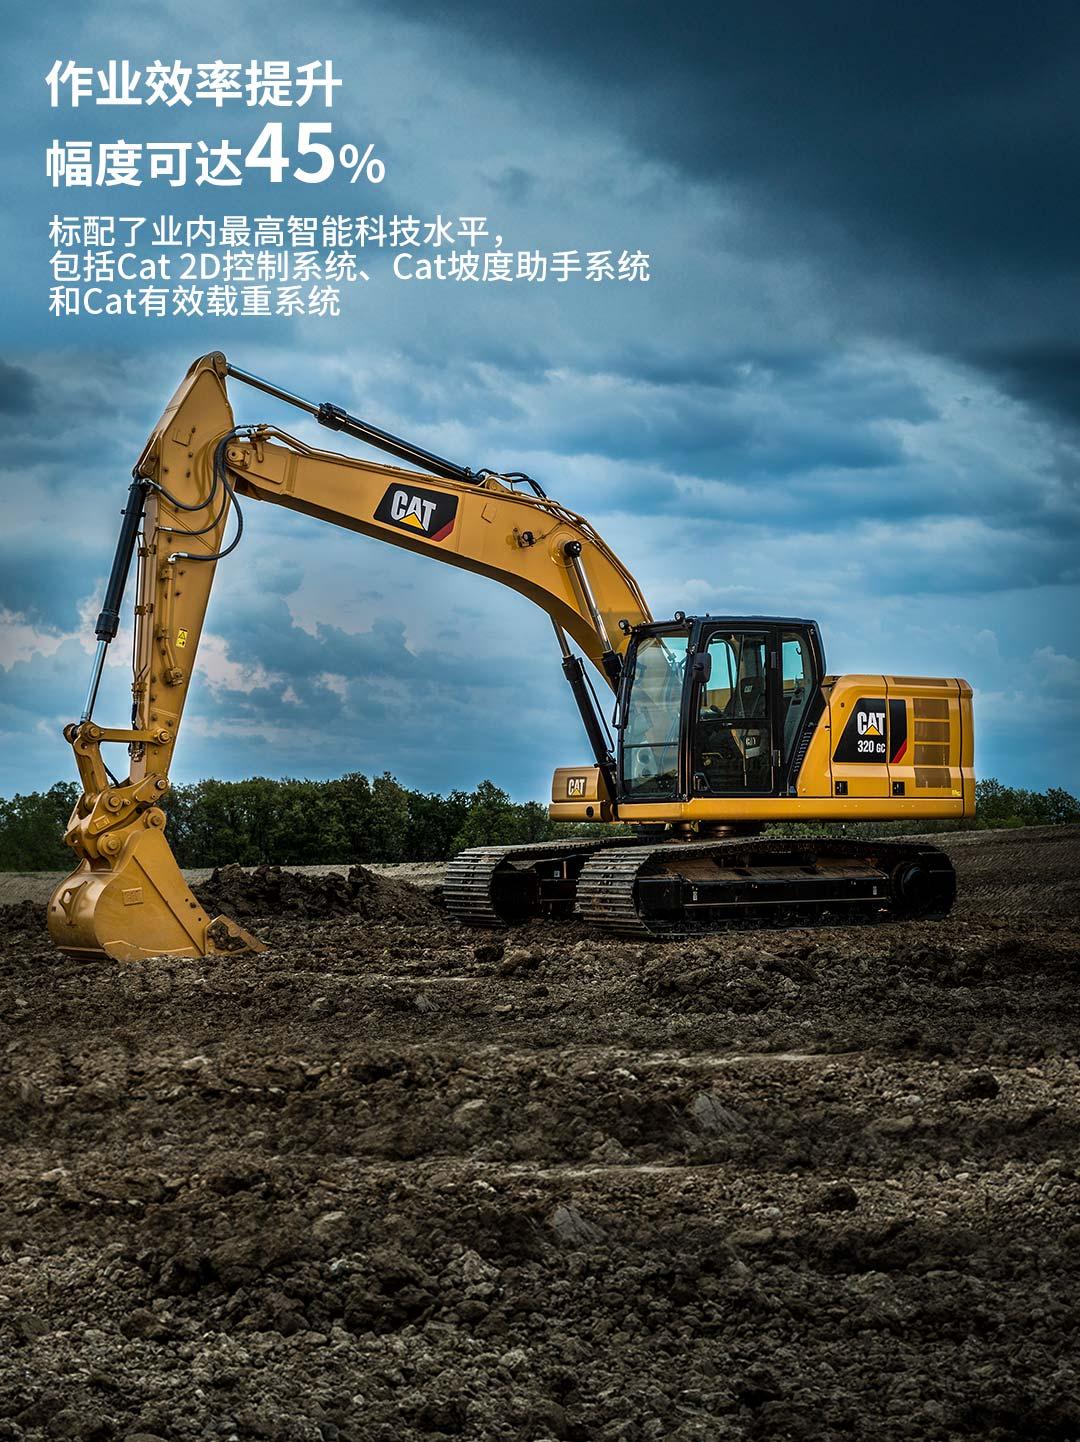 新一代CAT®320 液压挖掘机